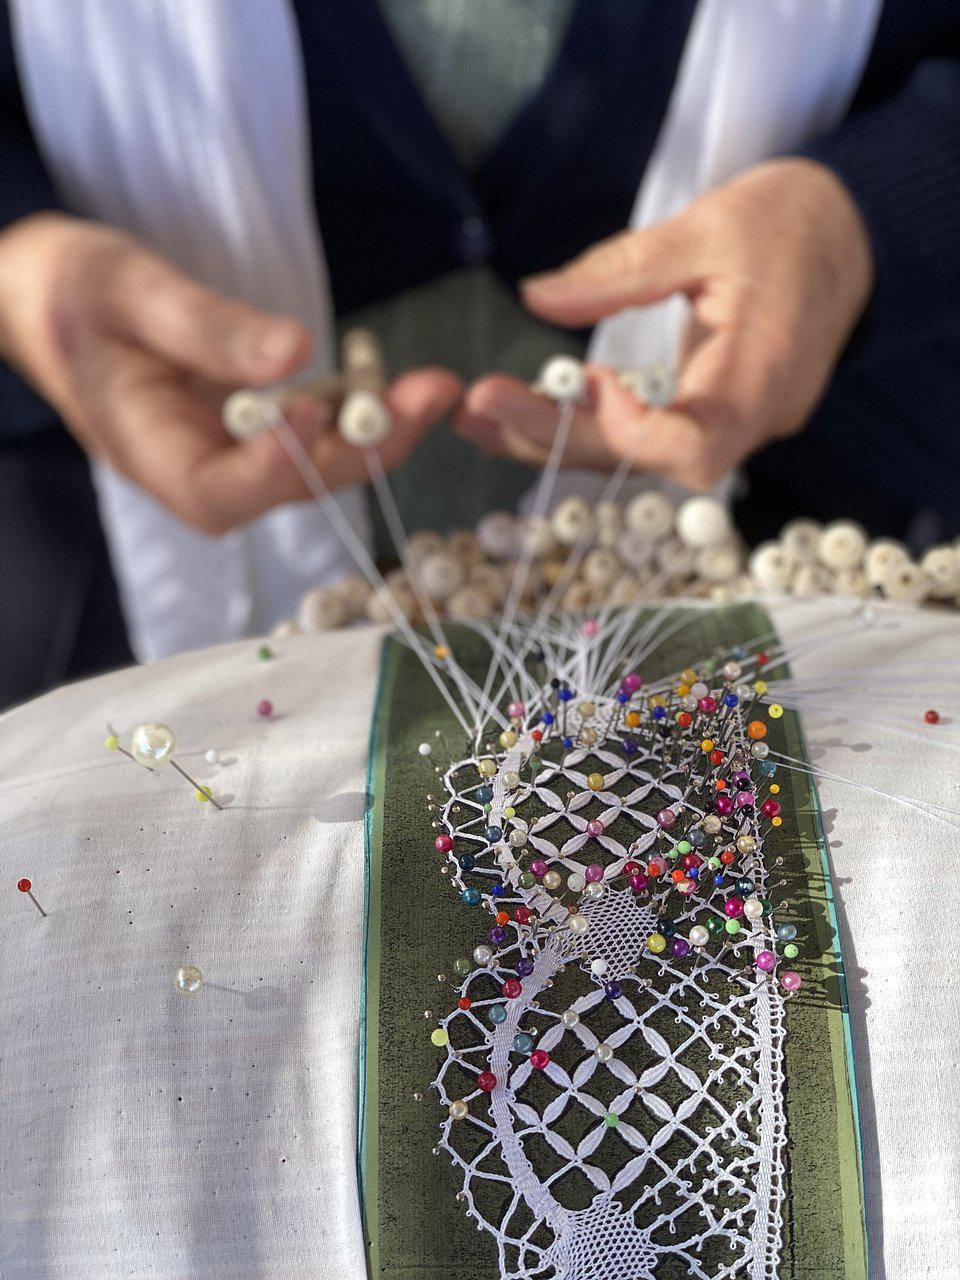 Portuguese bobbin lace' craftswoman